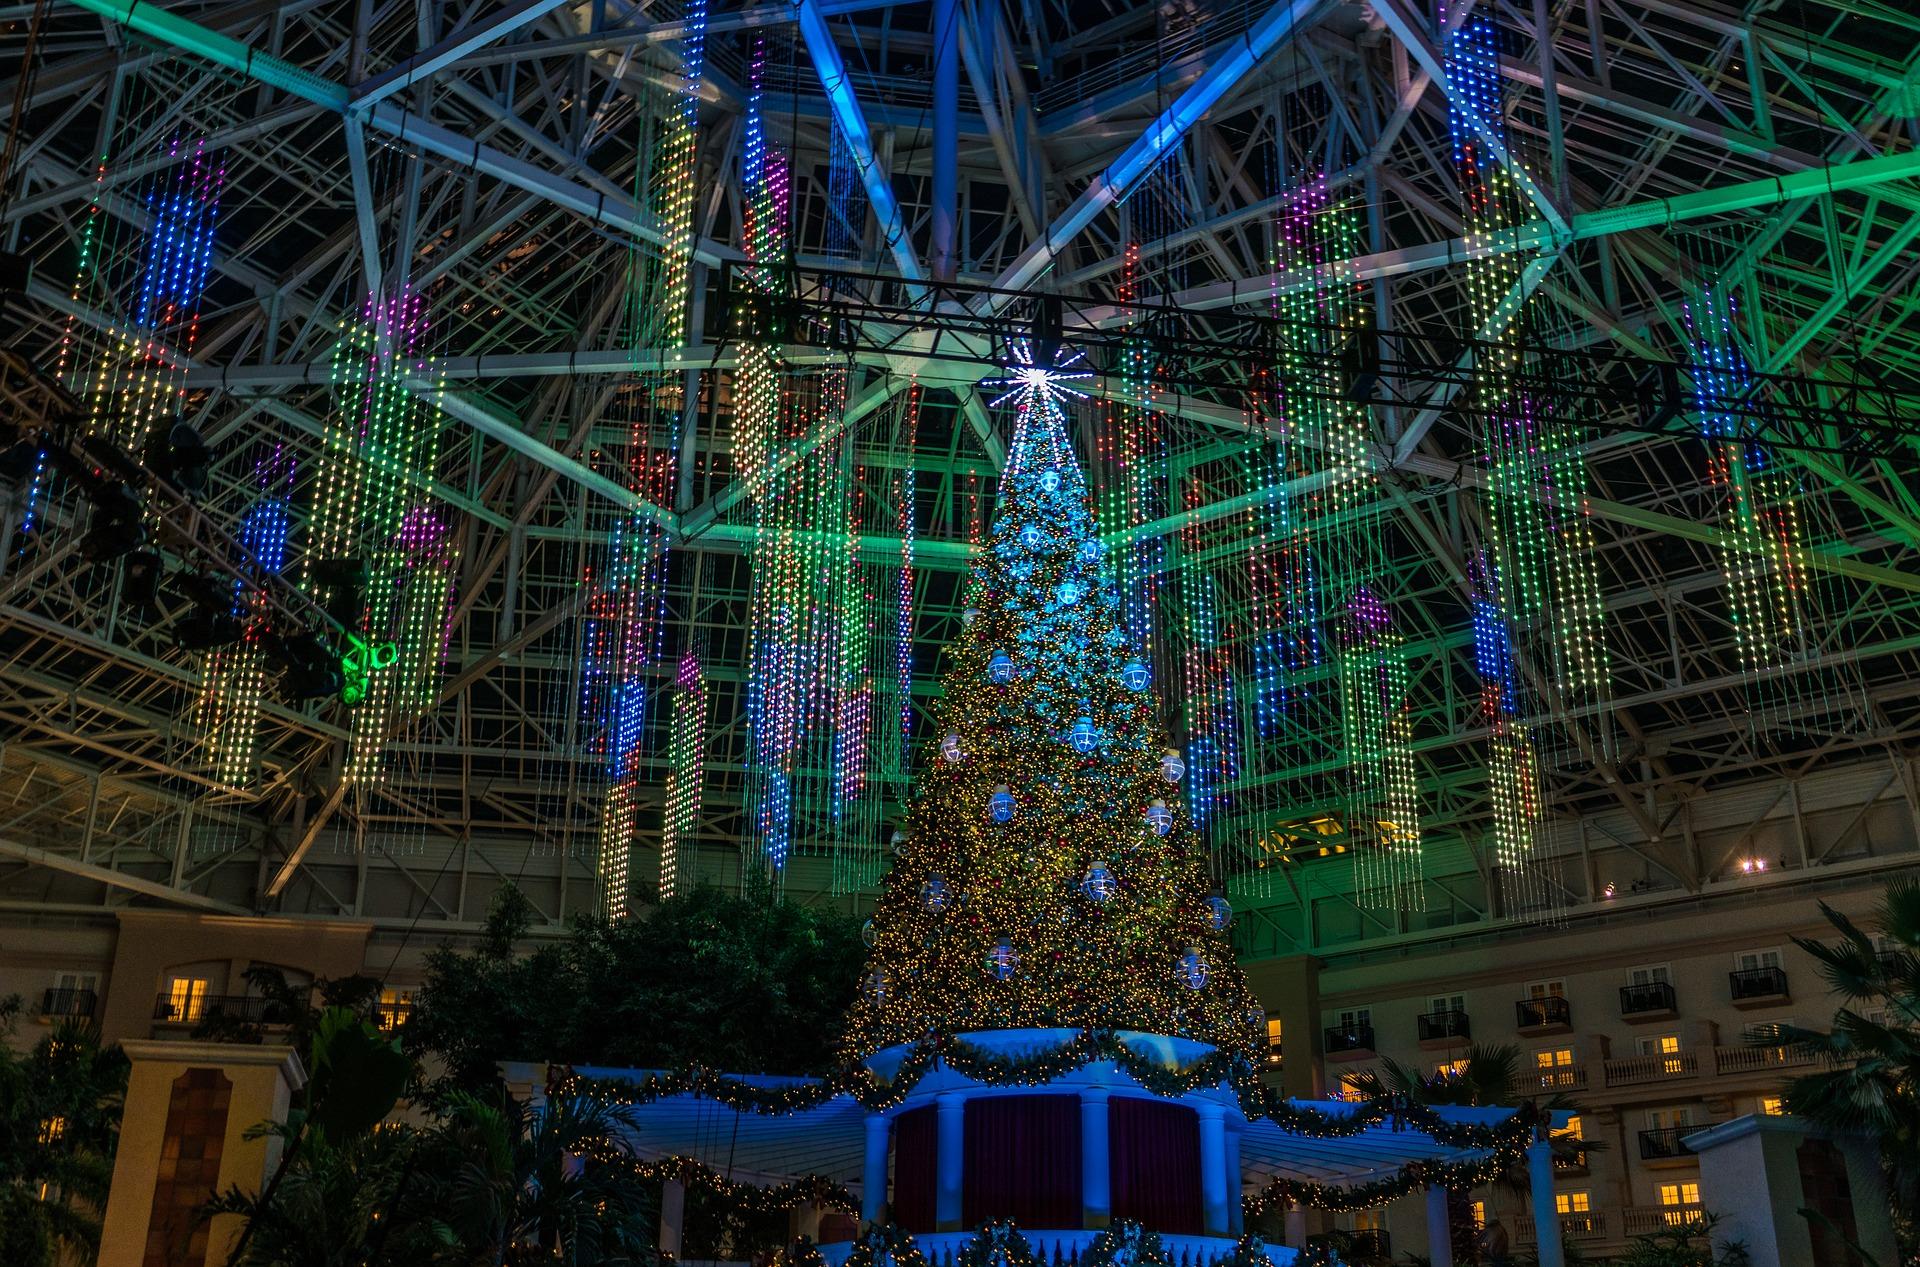 La Navidad despliega la decoración más tecnológica en las ciudades